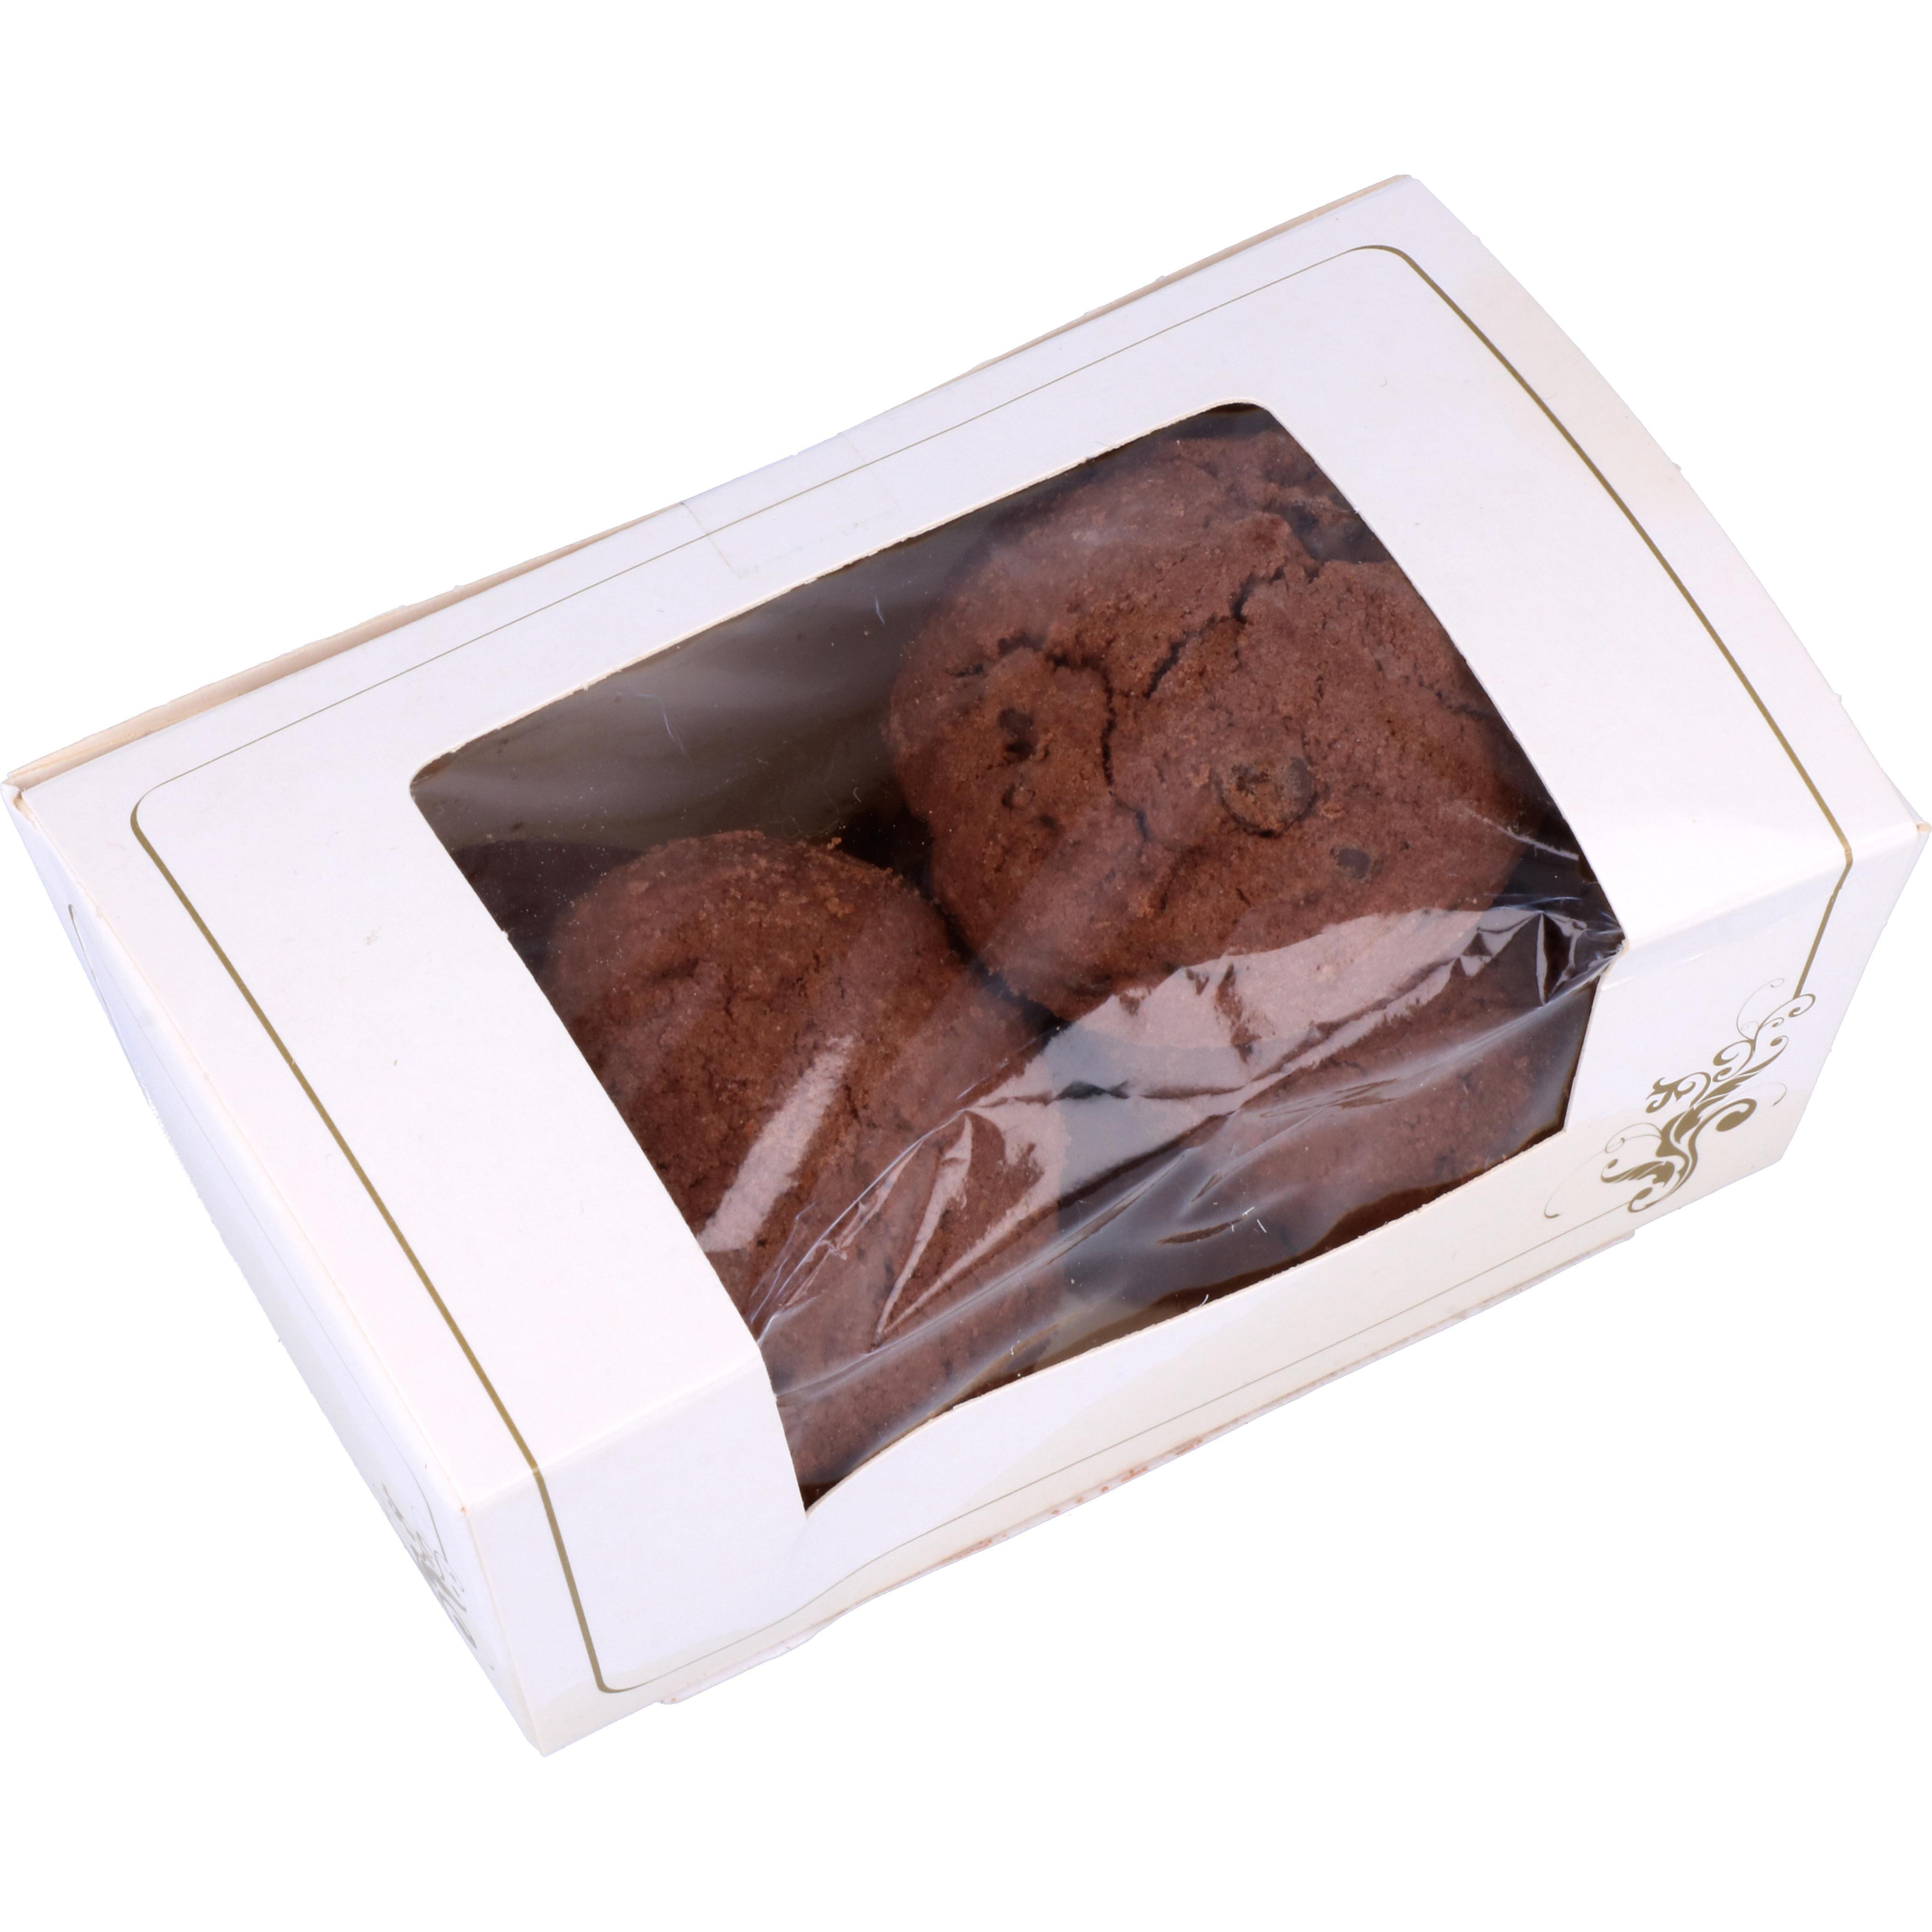 Panista Schoko Cookies 125g